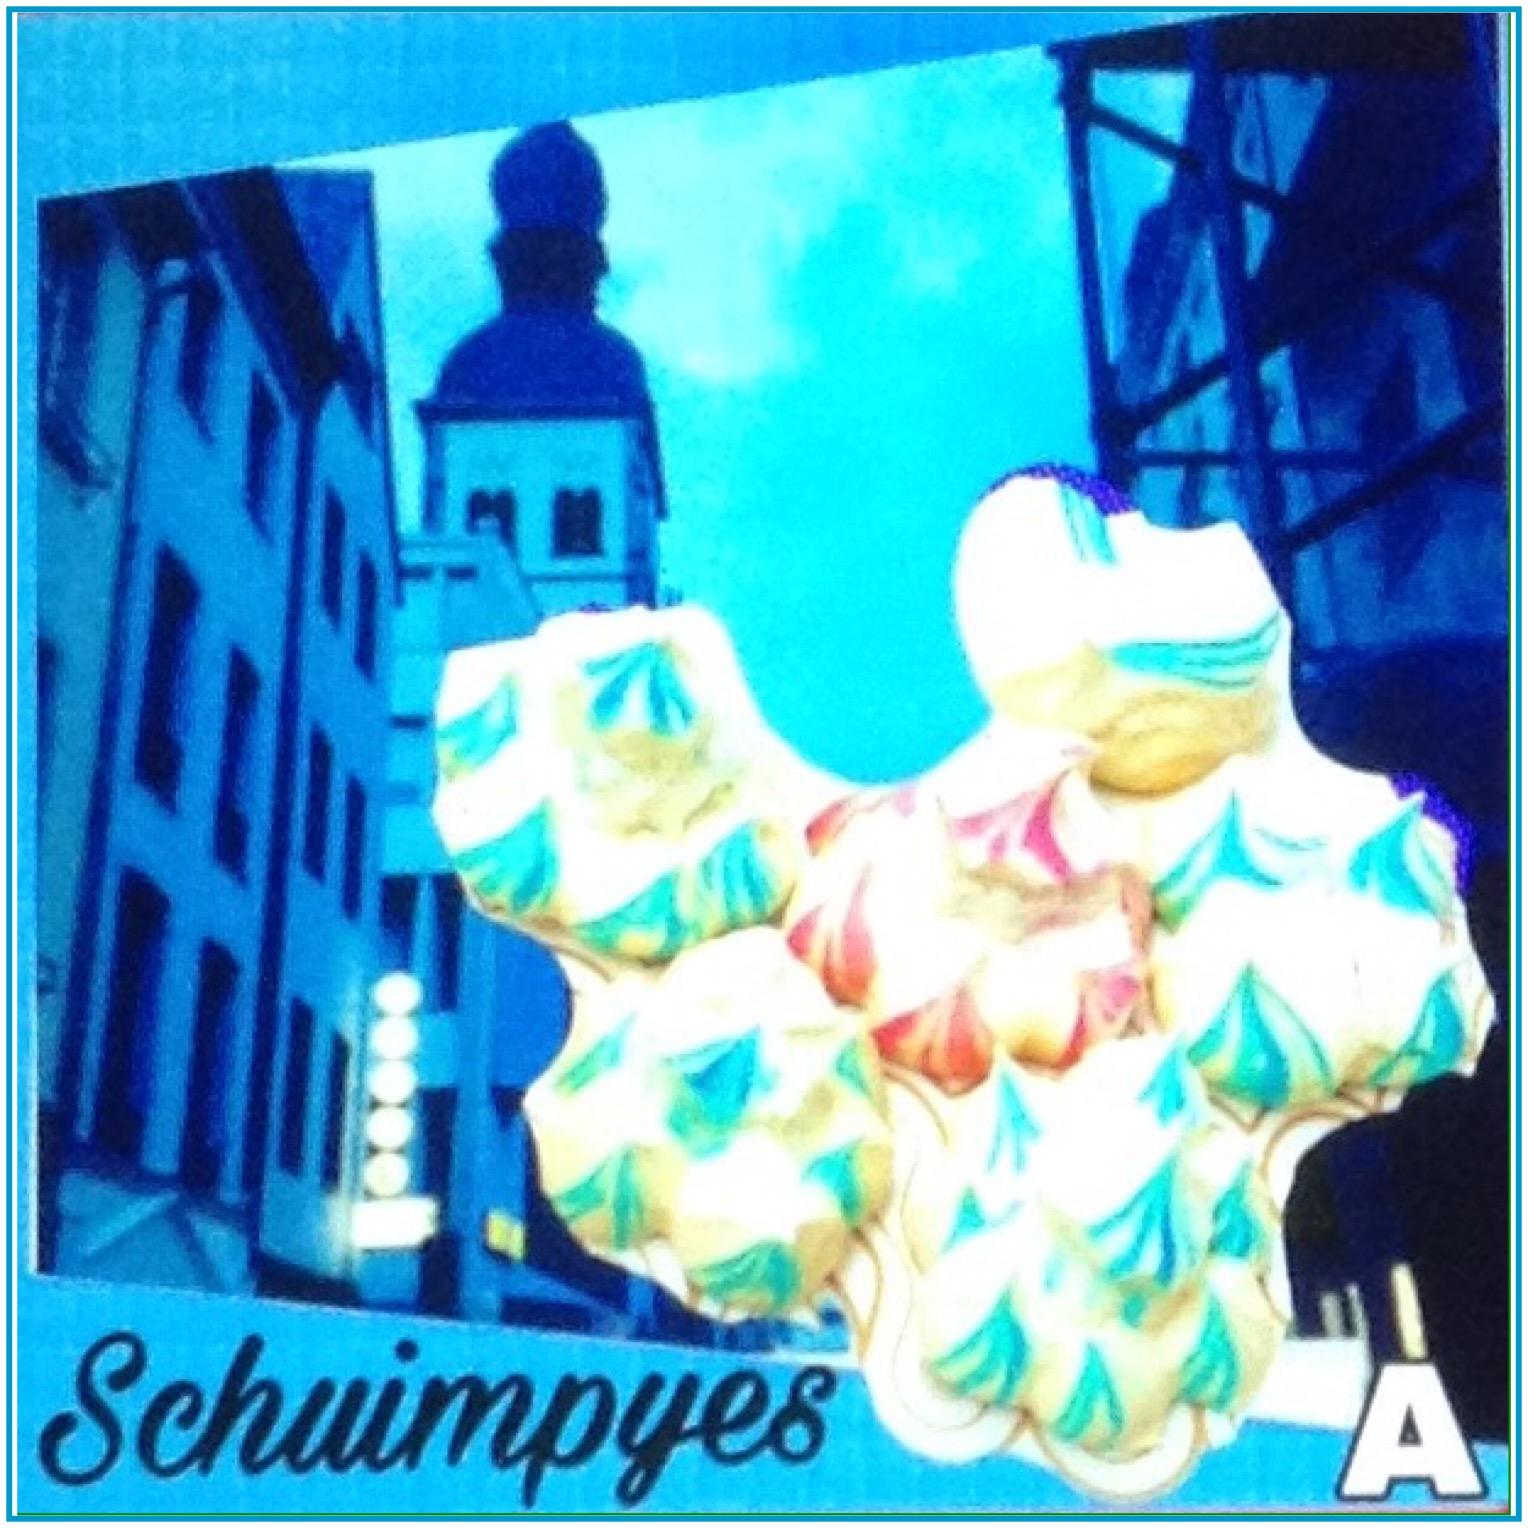 Resep Schuimpyes